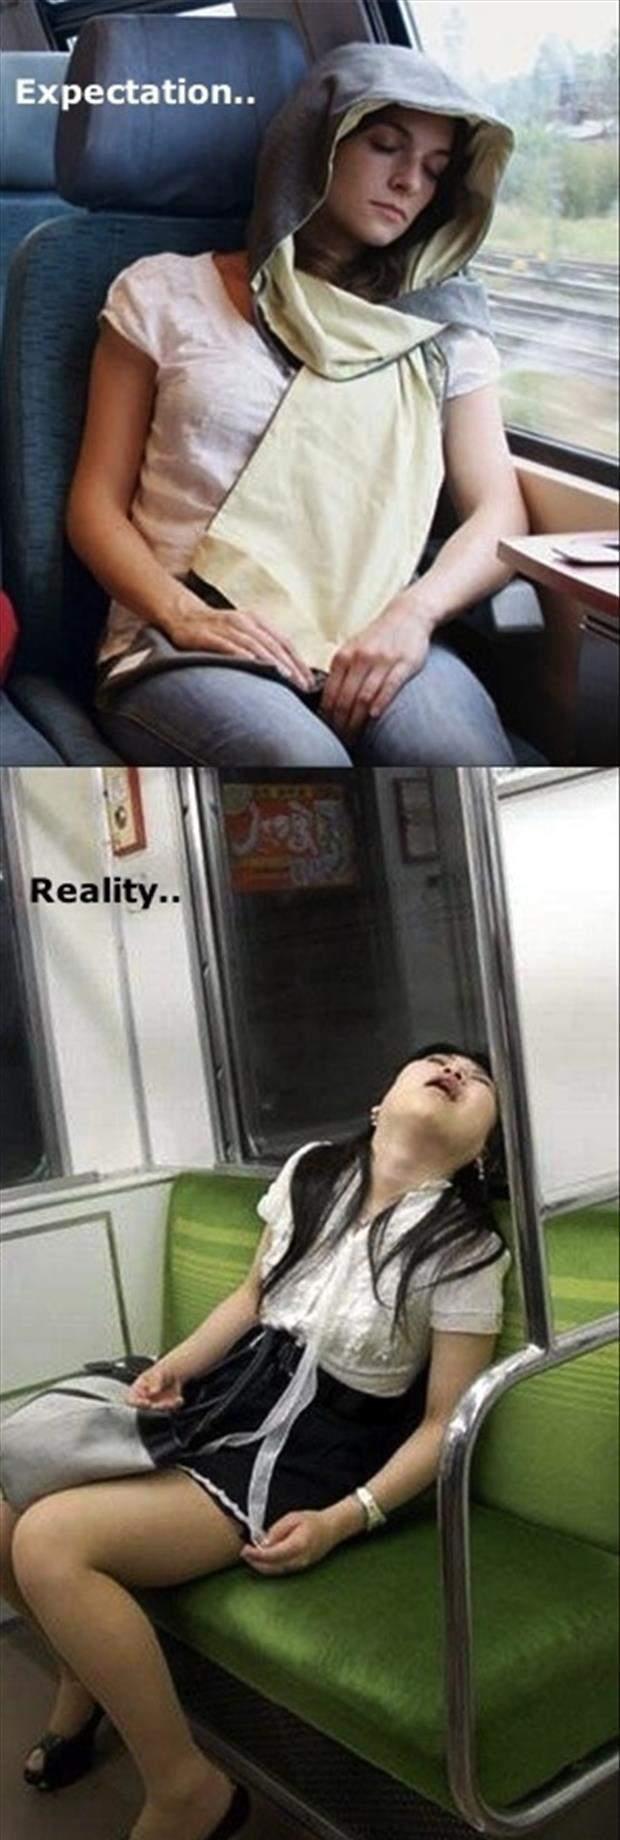 sleeping in public - meme